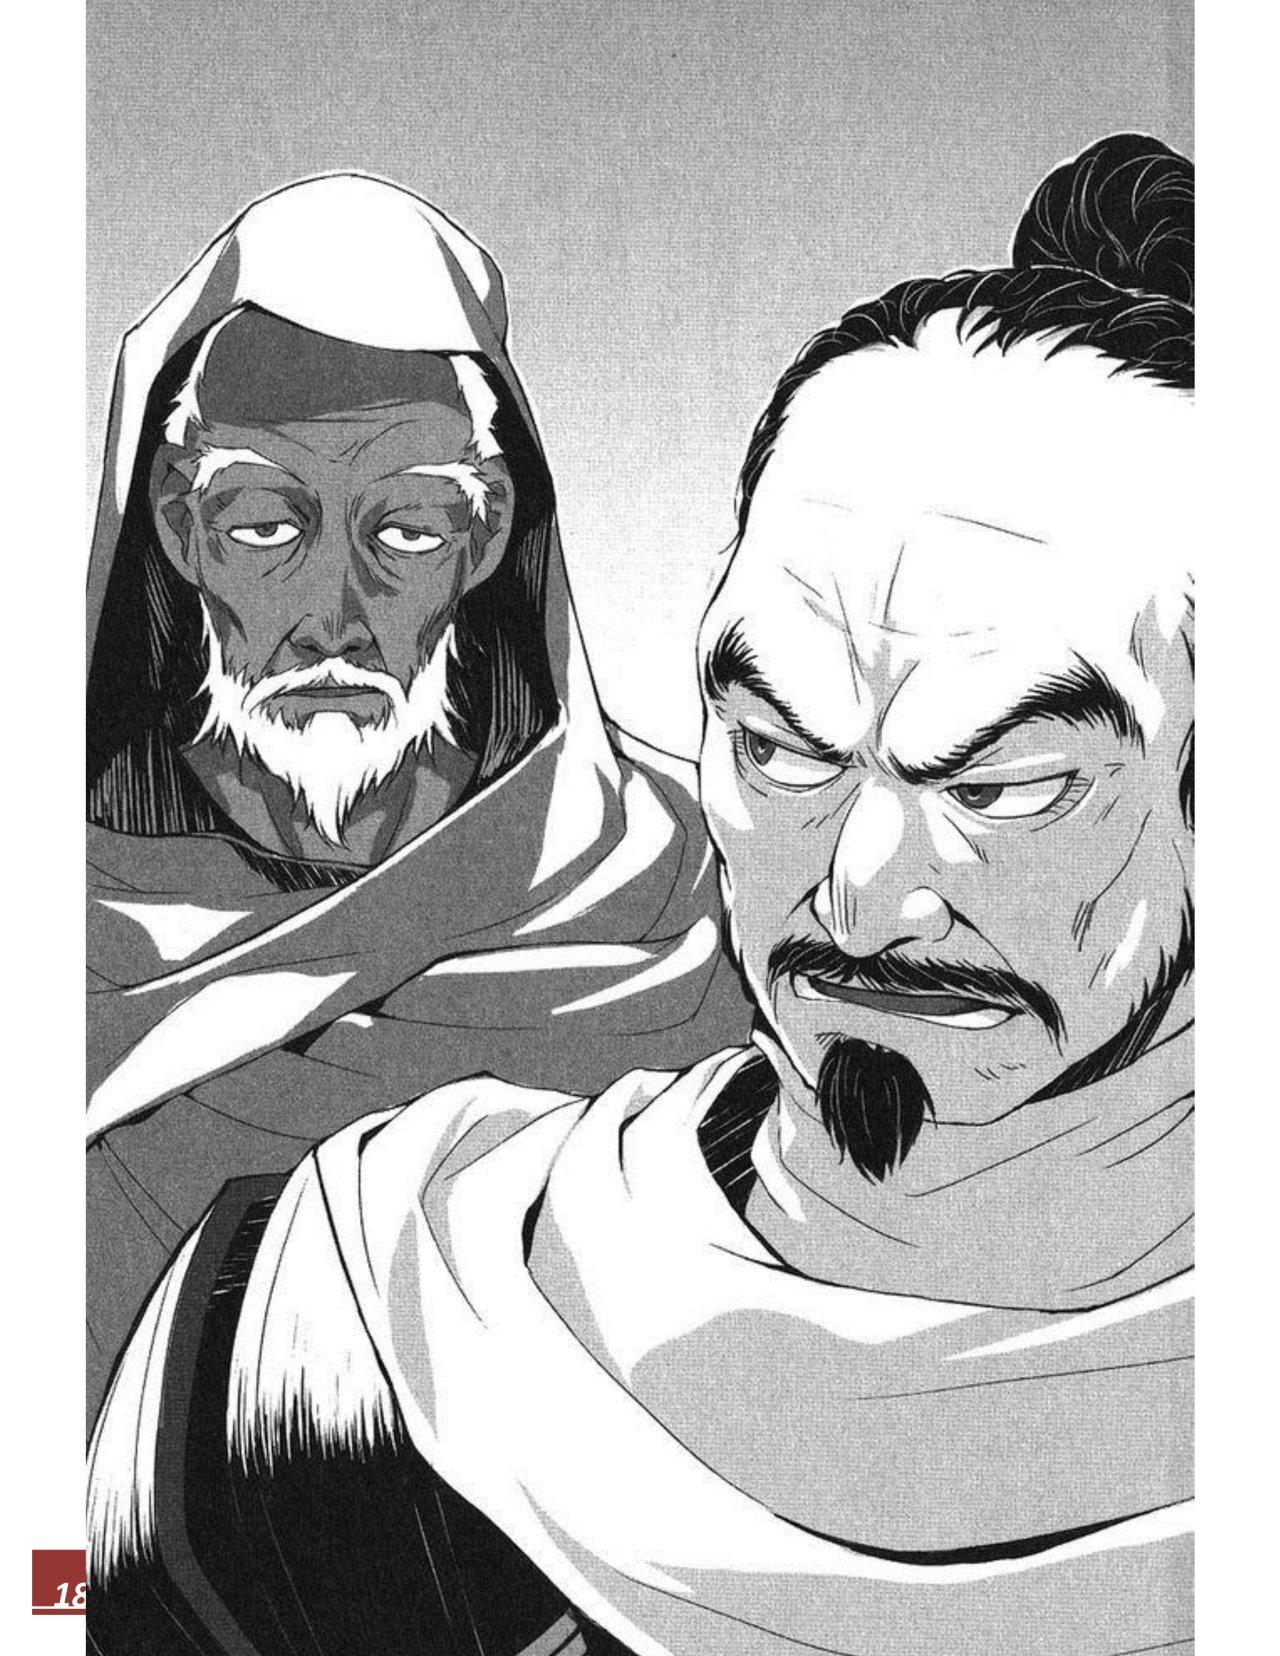 https://c9.mangatag.com/es_manga/pic5/22/25558/766212/8e9f22434774cce976973717448380b4.jpg Page 18